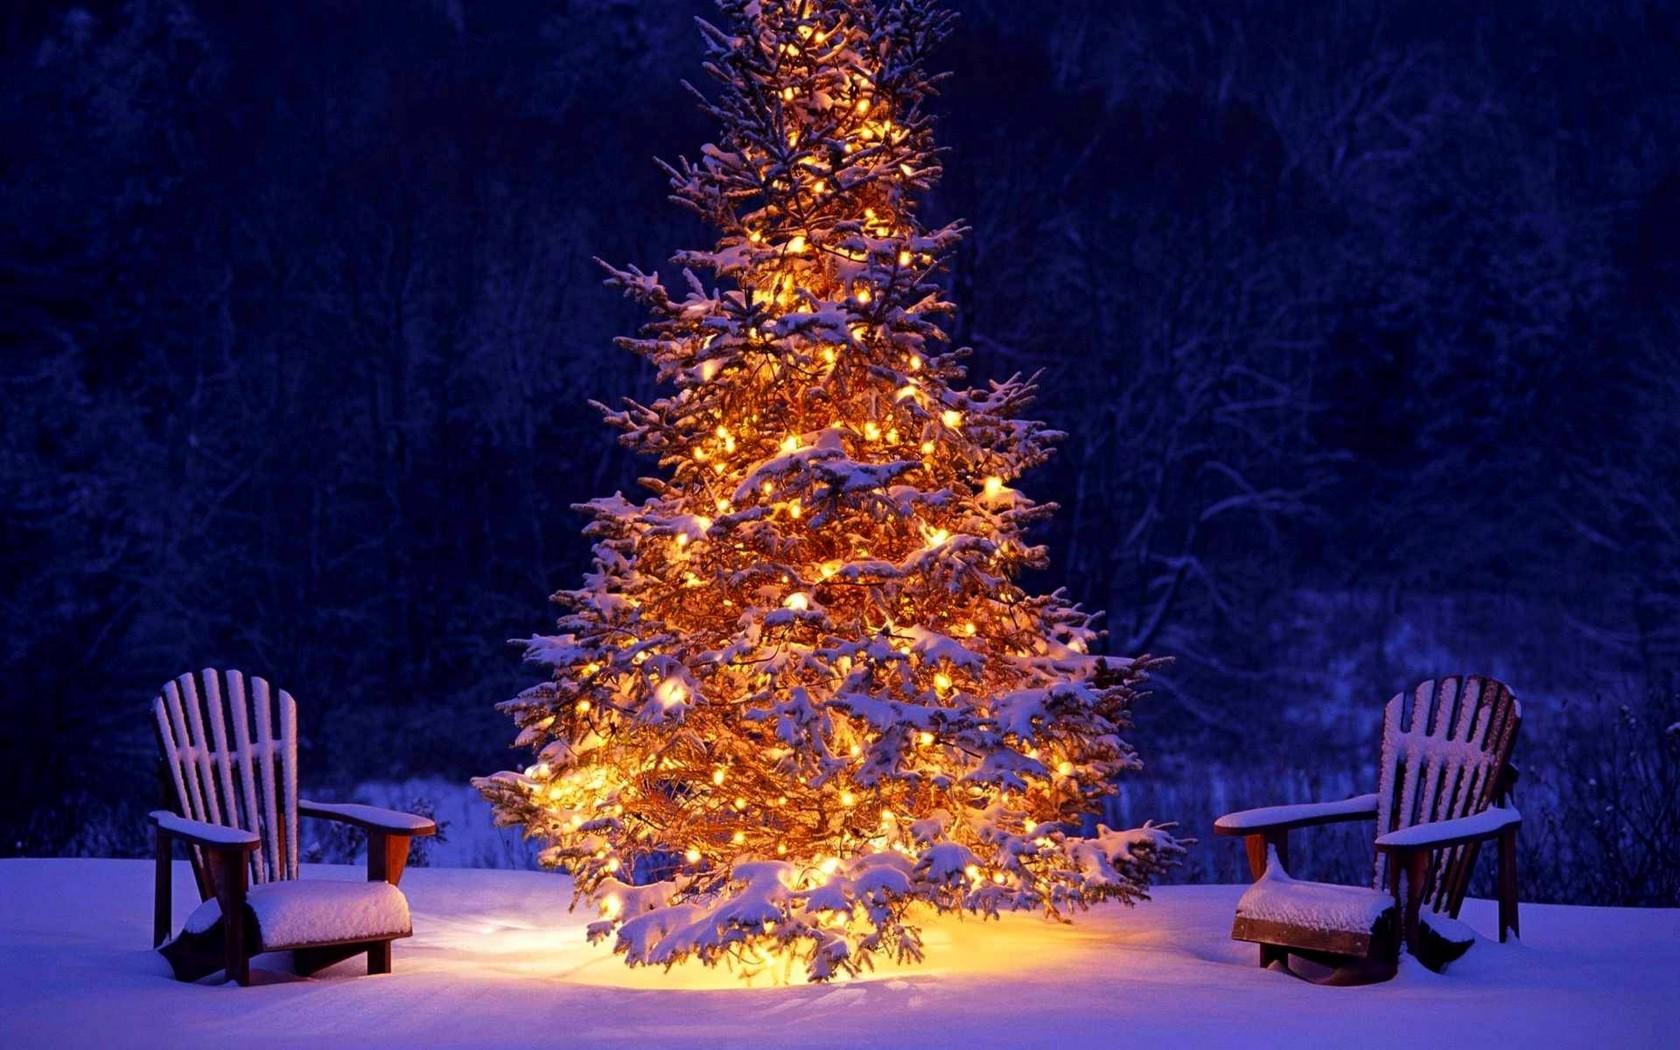 картинки снег новый год на рабочий стол специфическое свойство